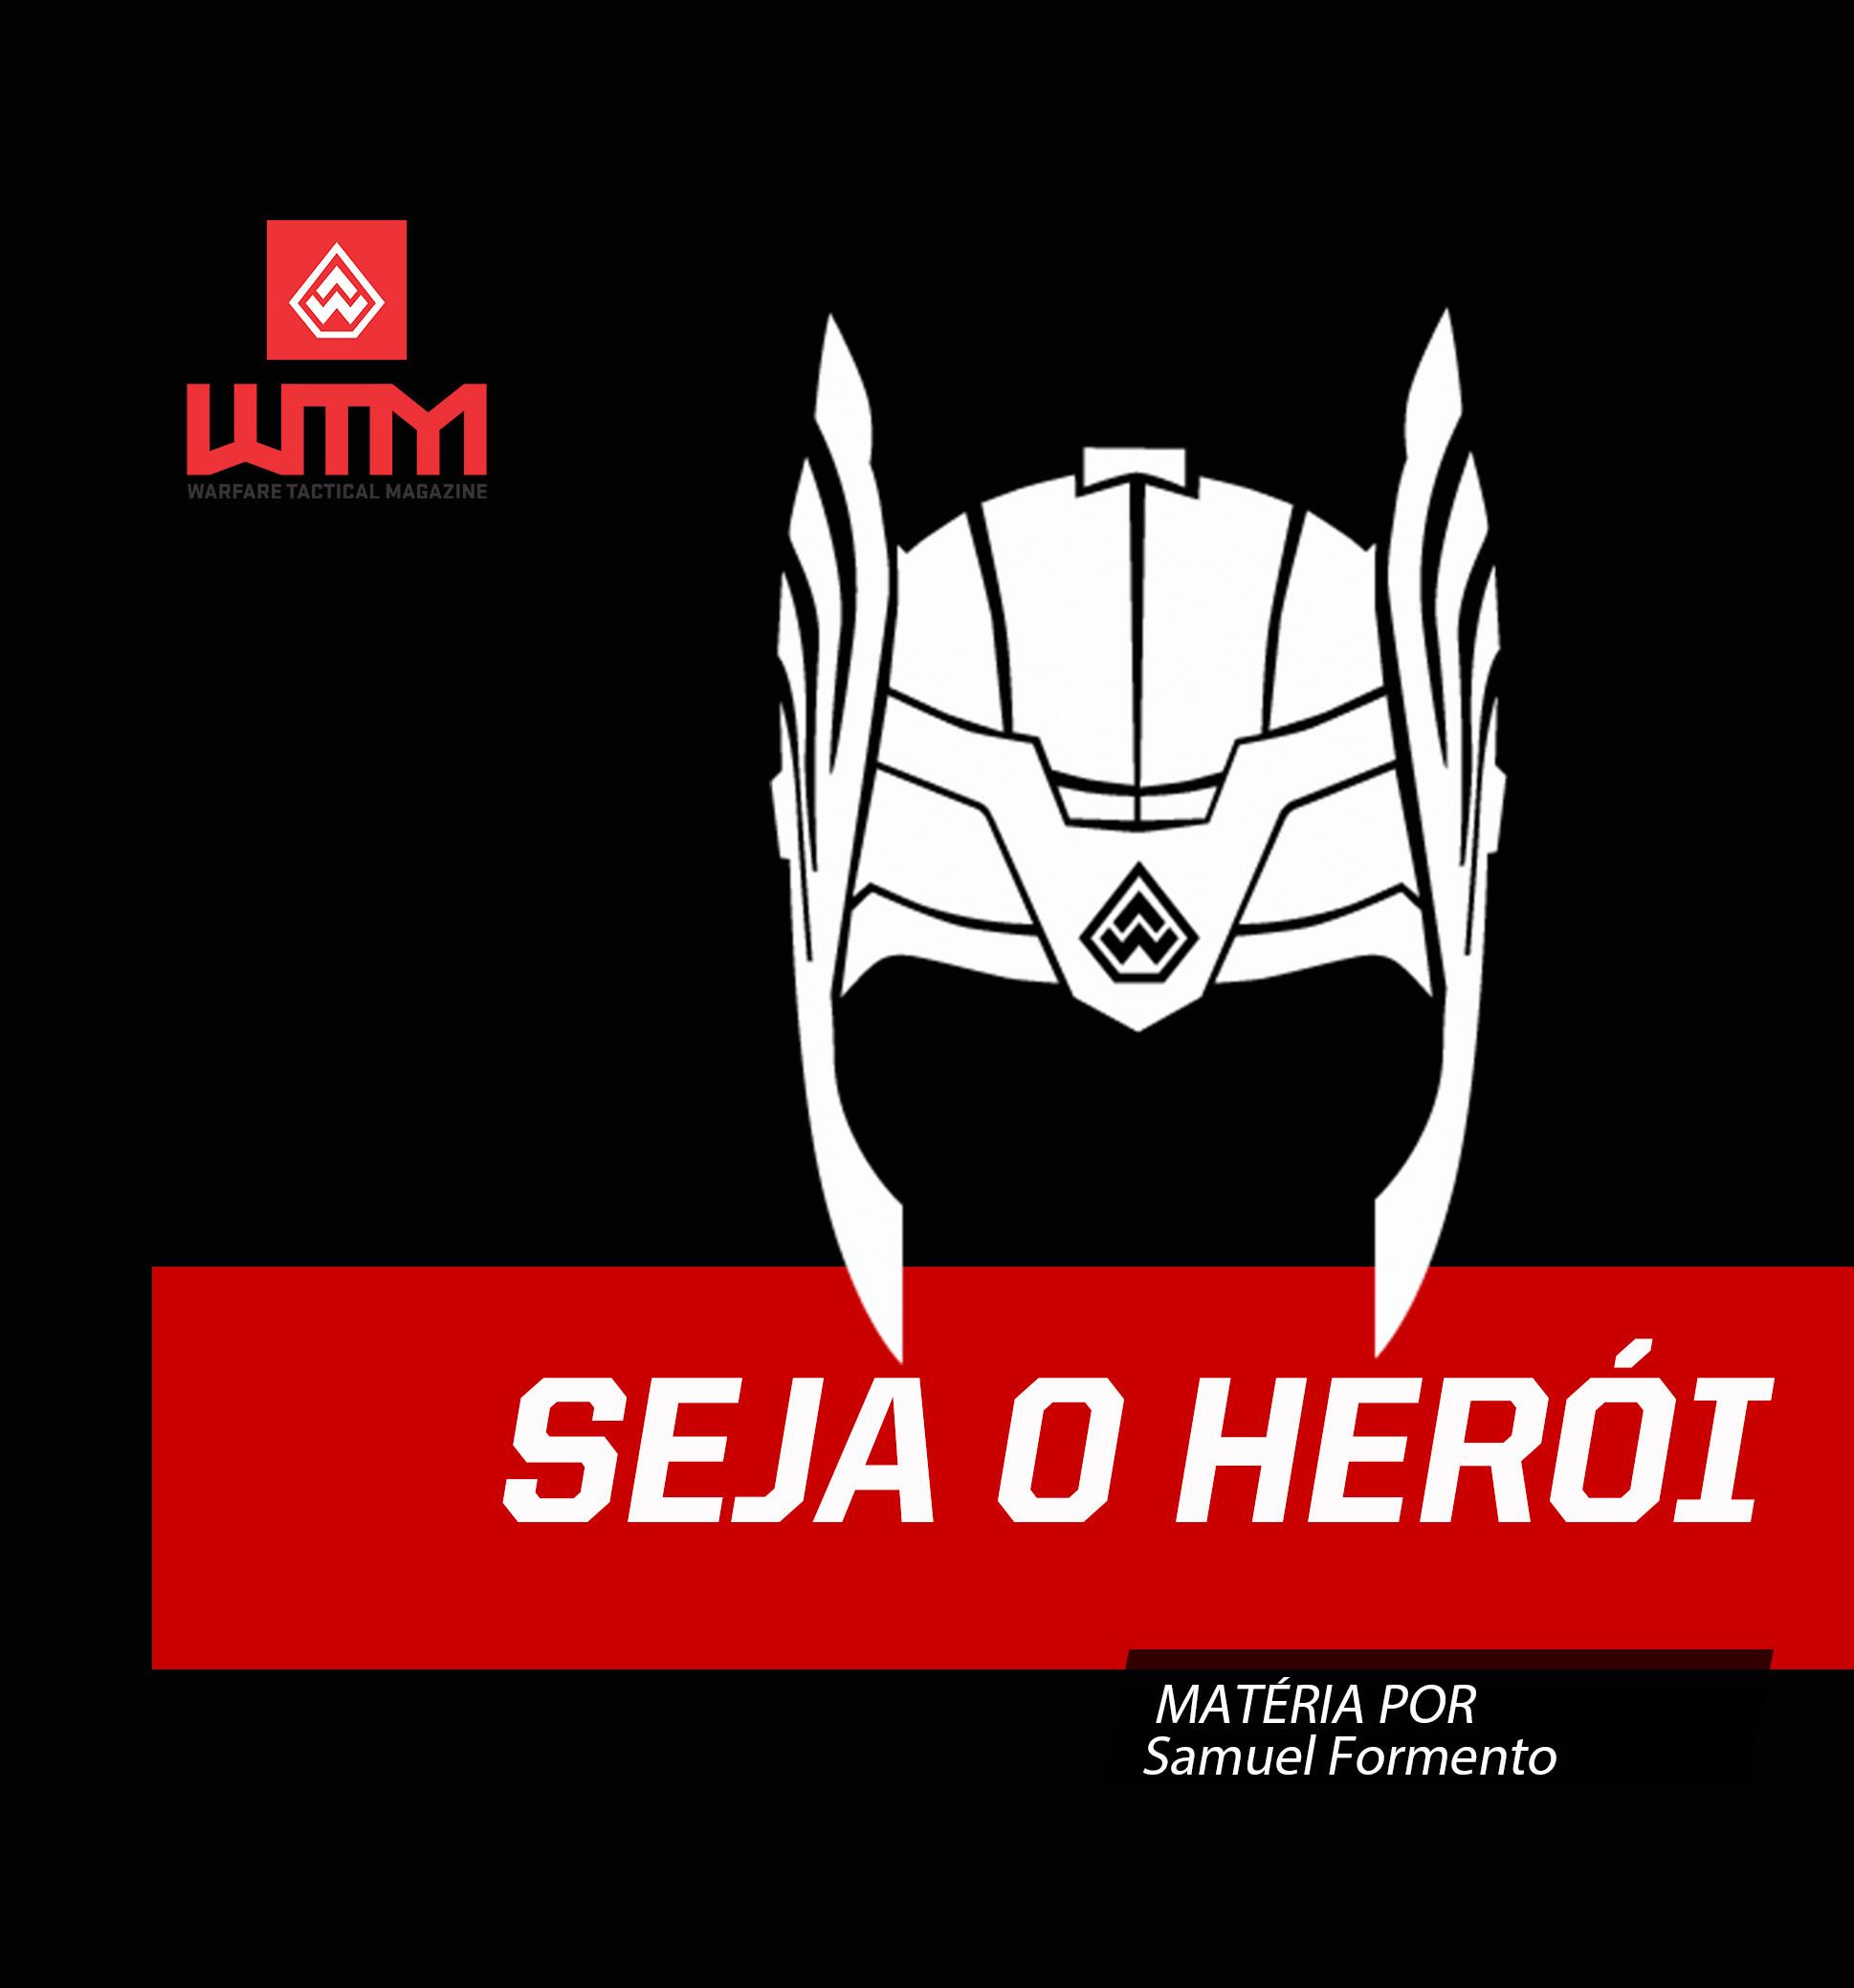 Seja o heroi